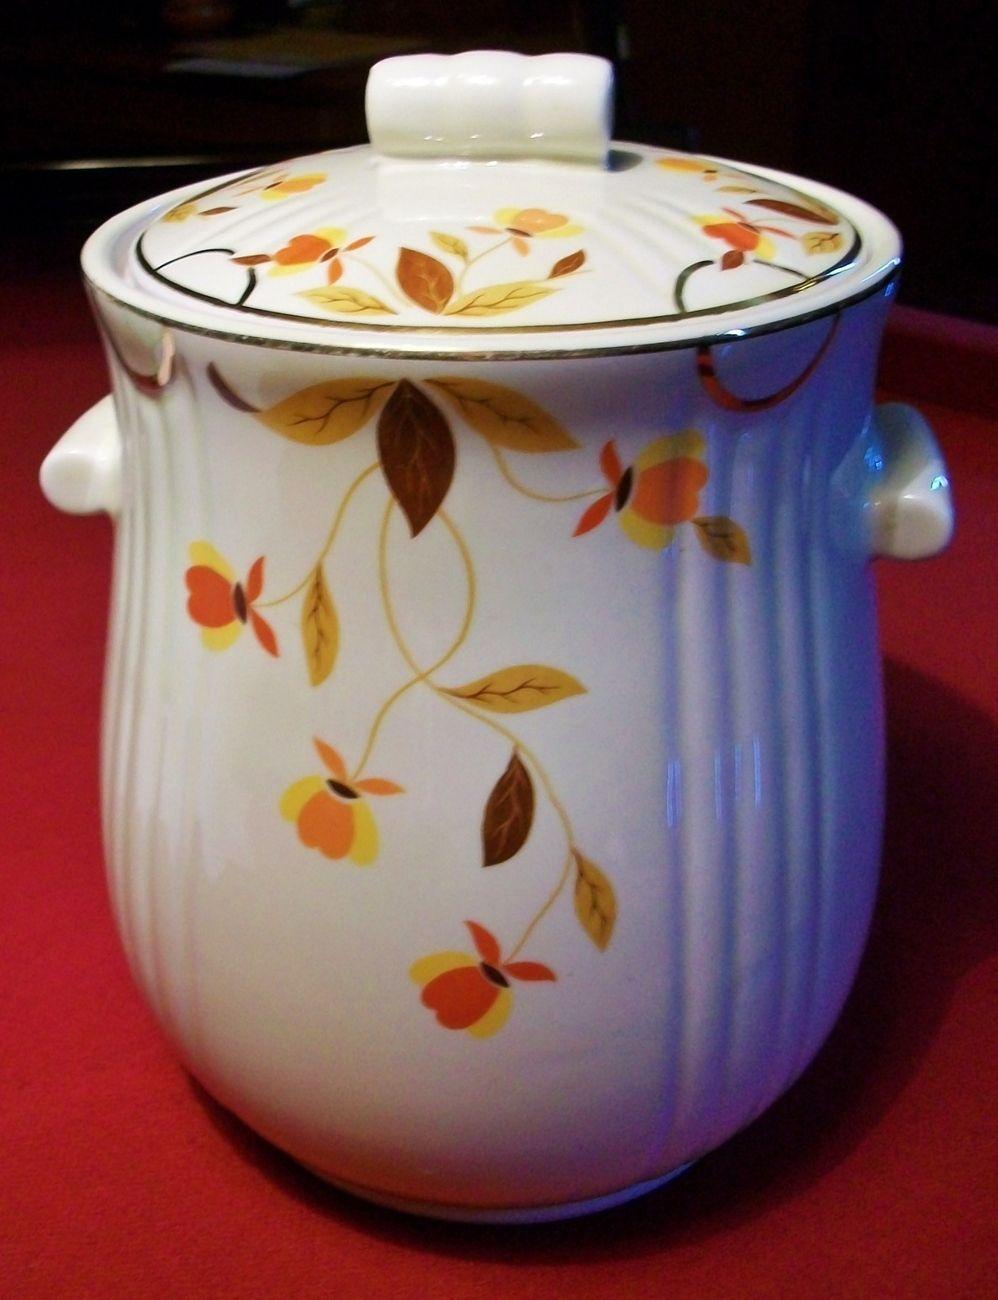 vintage hall jewel tea autumn leaf baking dish click on the image hall autumn leaf